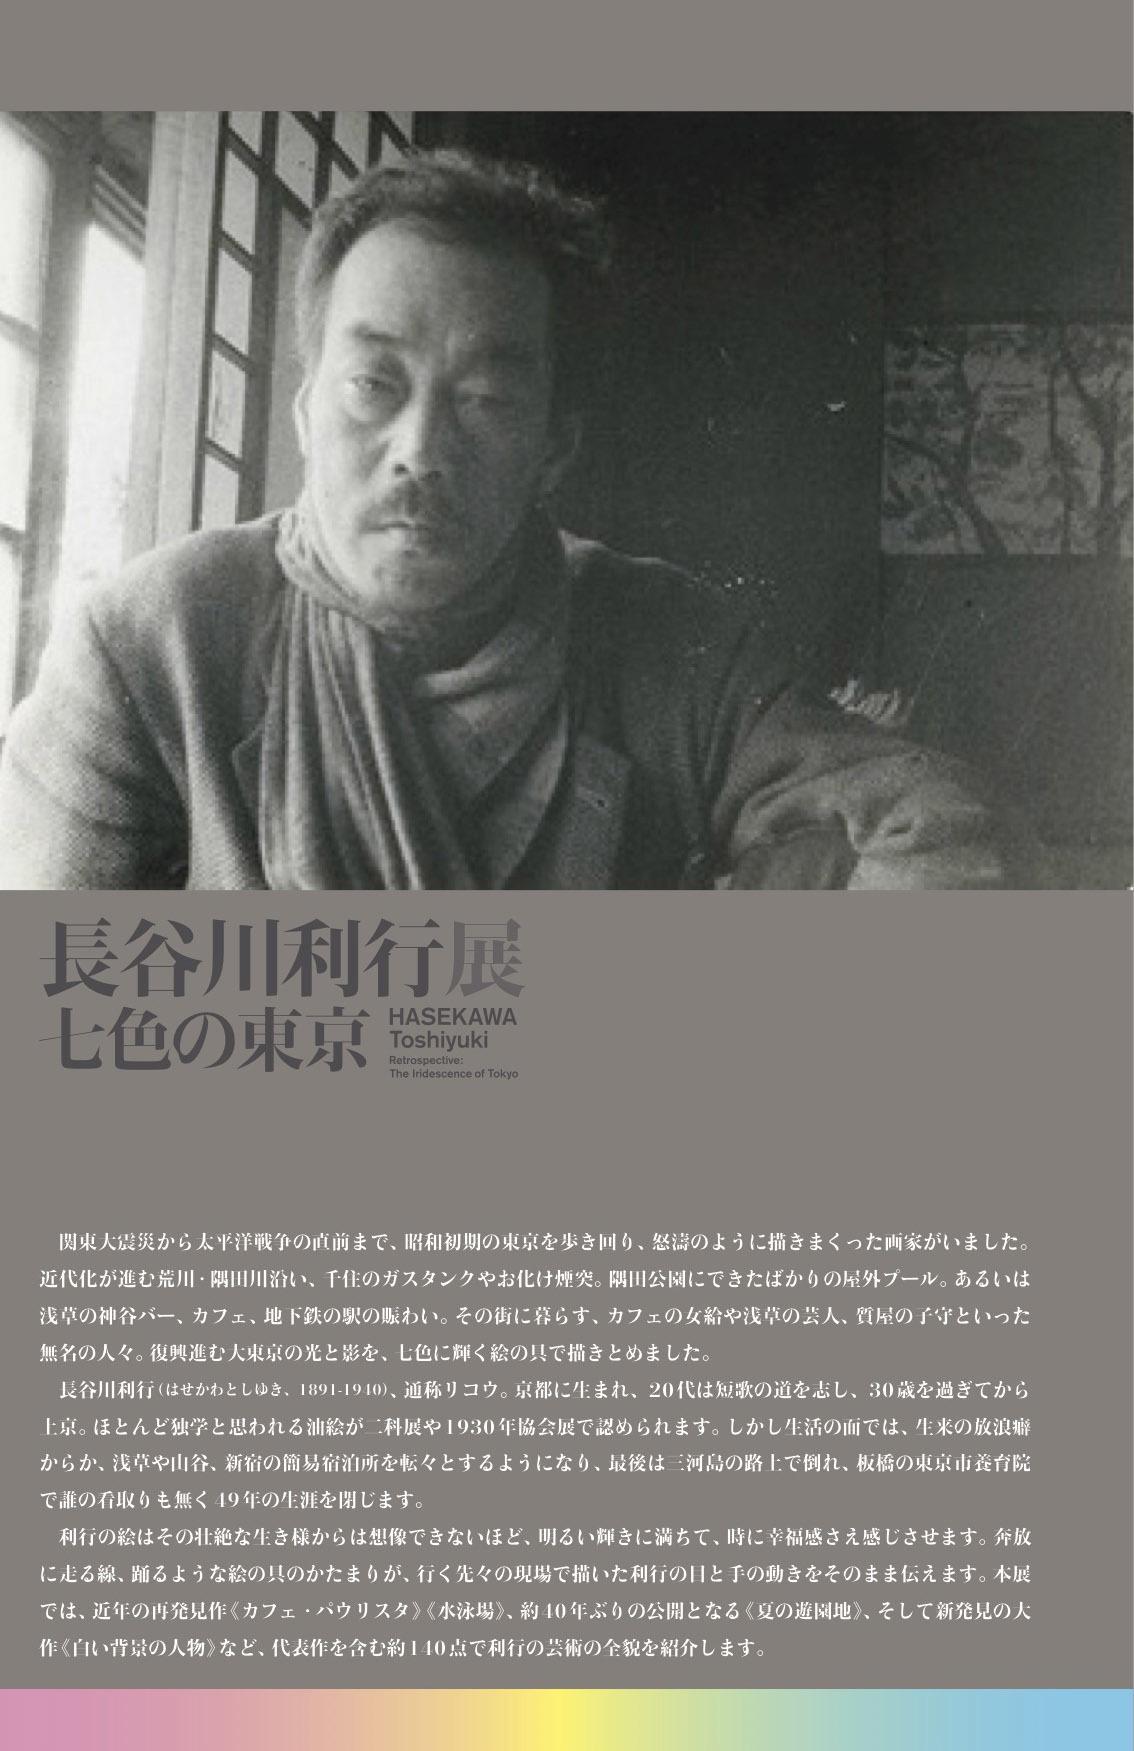 長谷川利行展 府中市美術館 1_e0054299_16164507.jpg